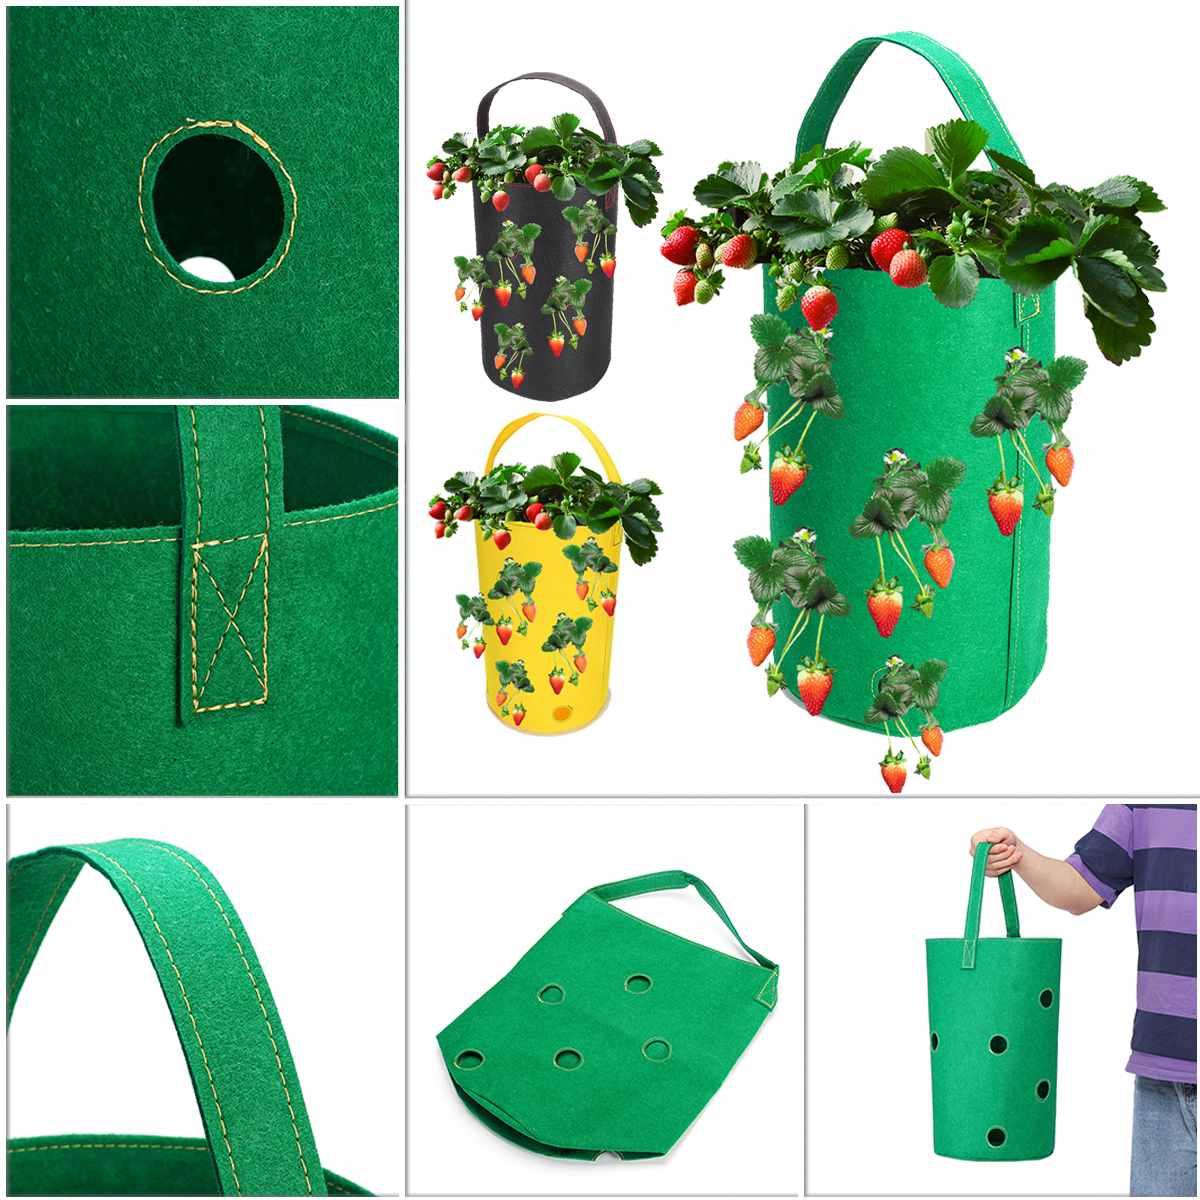 Висячая фетровая сумка для растений клубника ваниль мешки для посадки красоты мешки для сада горшечные Садовые принадлежности